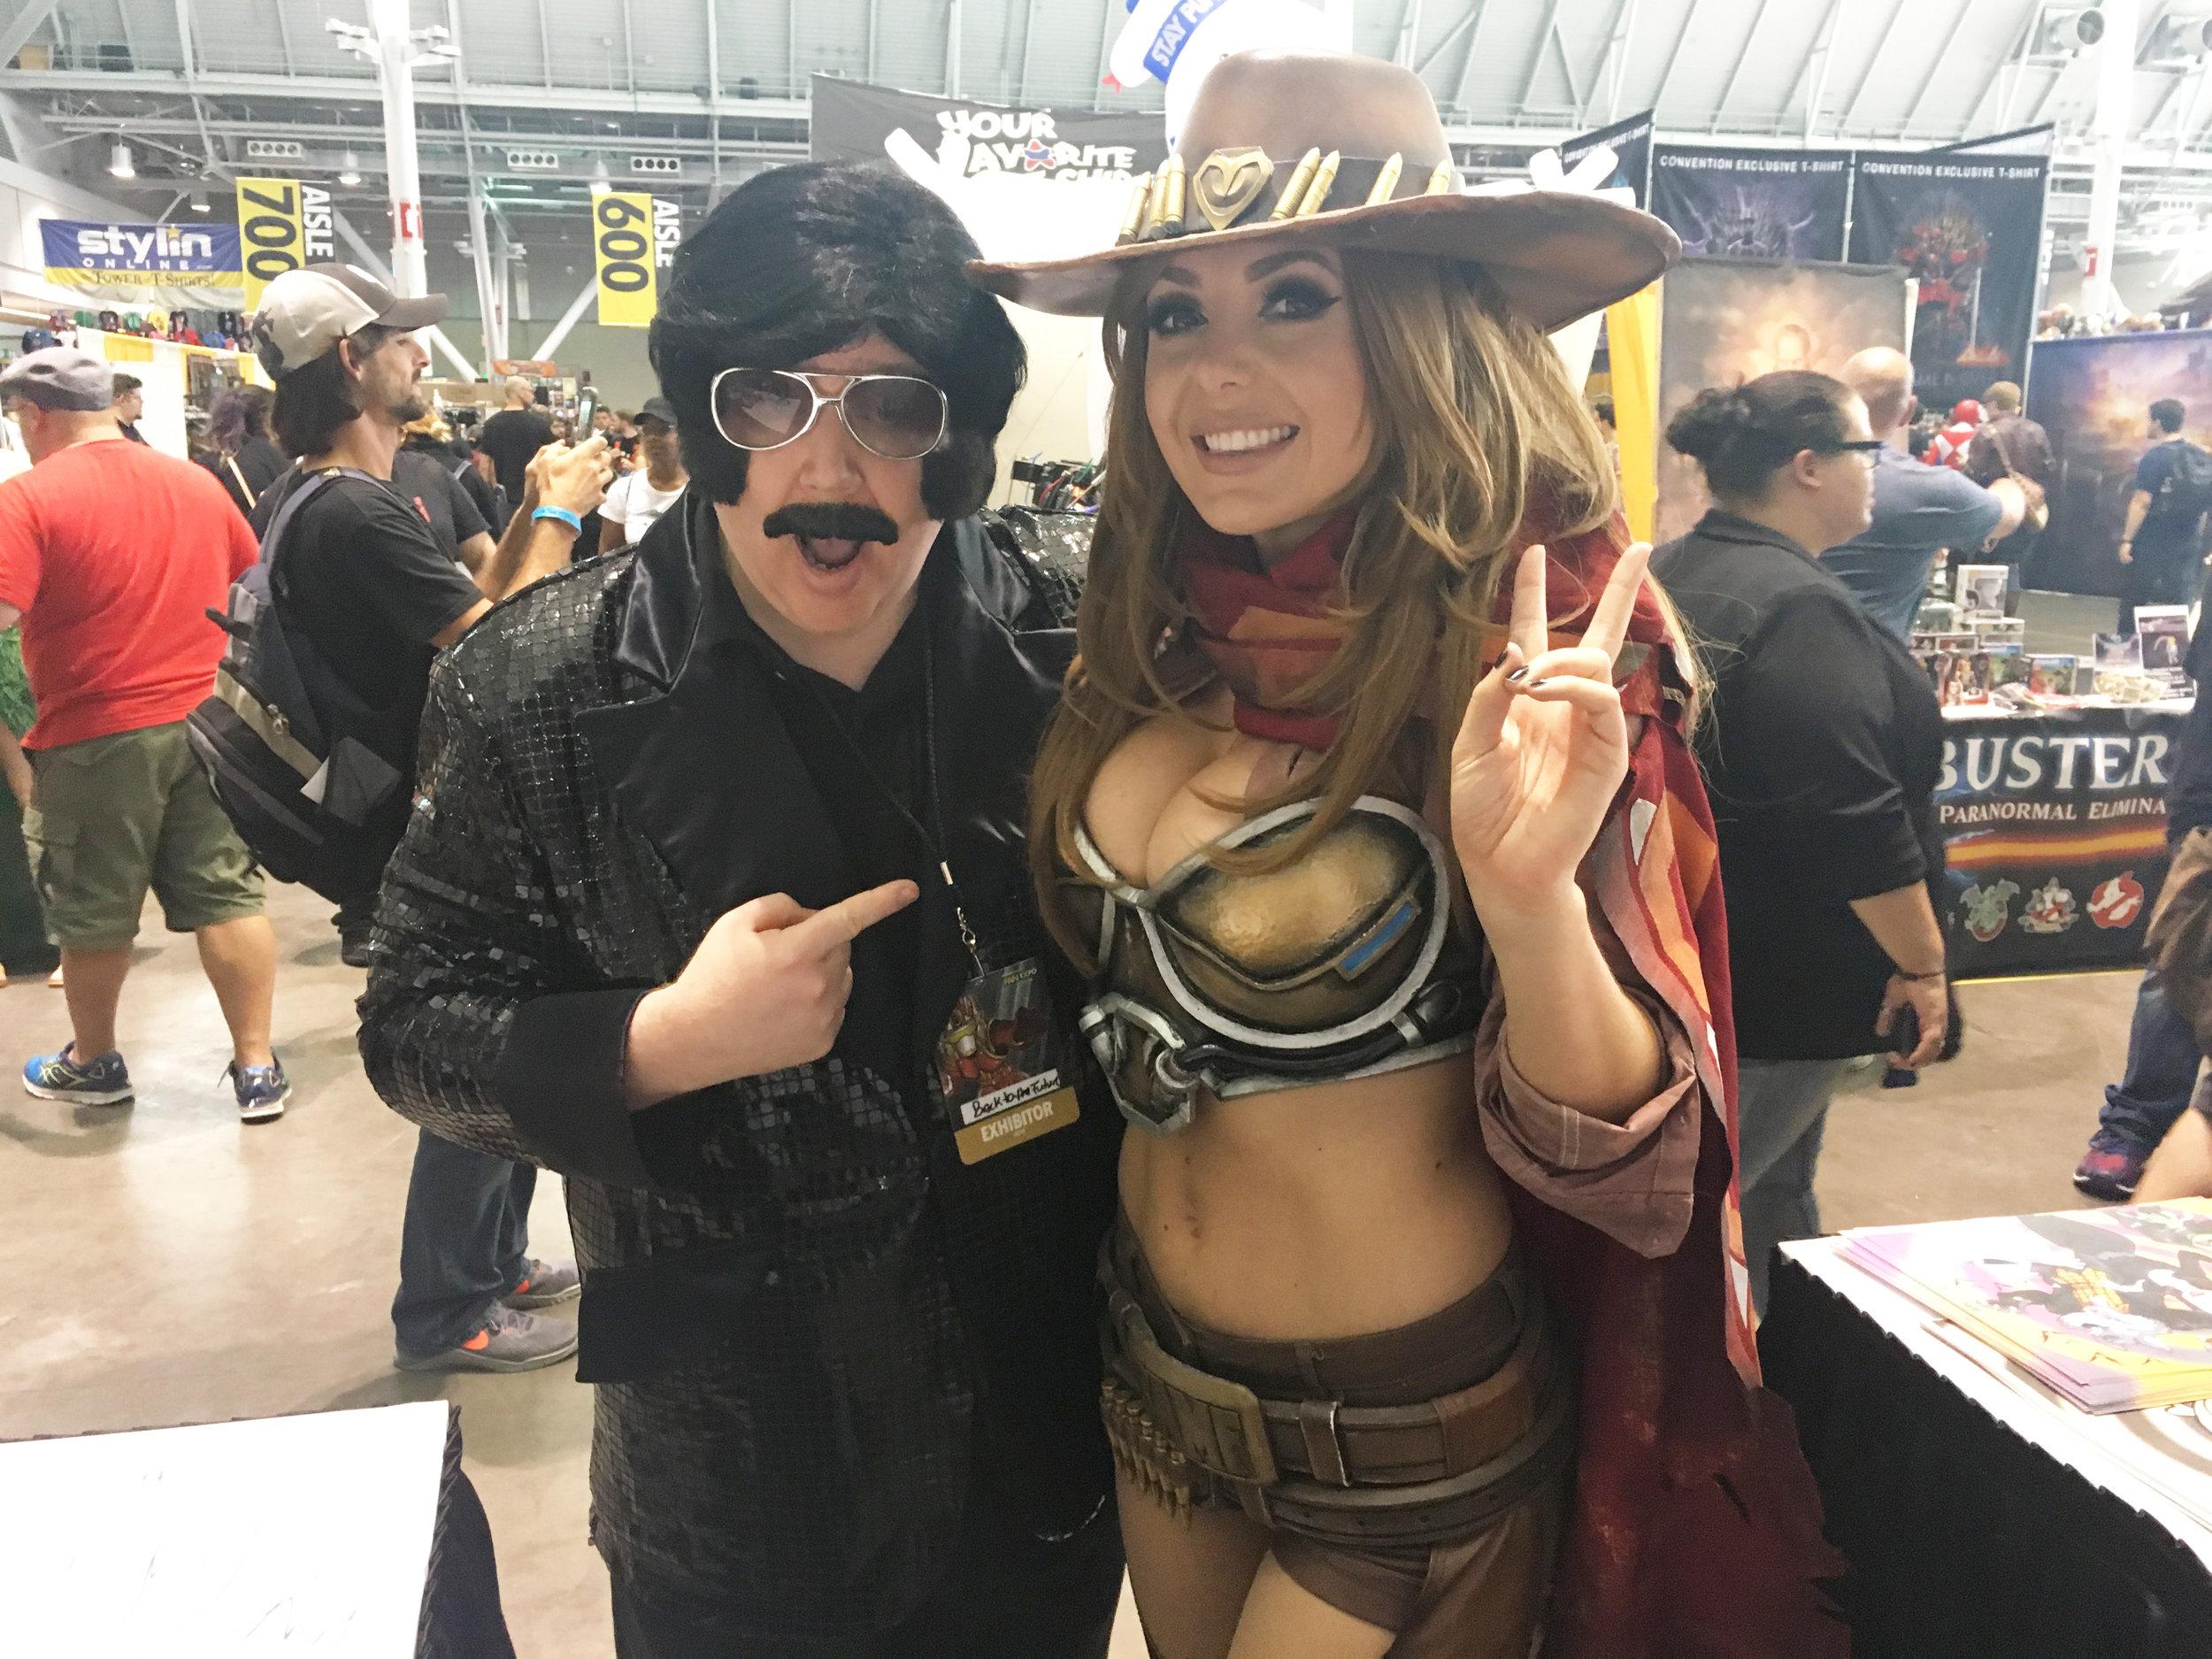 Cosplayer Jessica Nigri